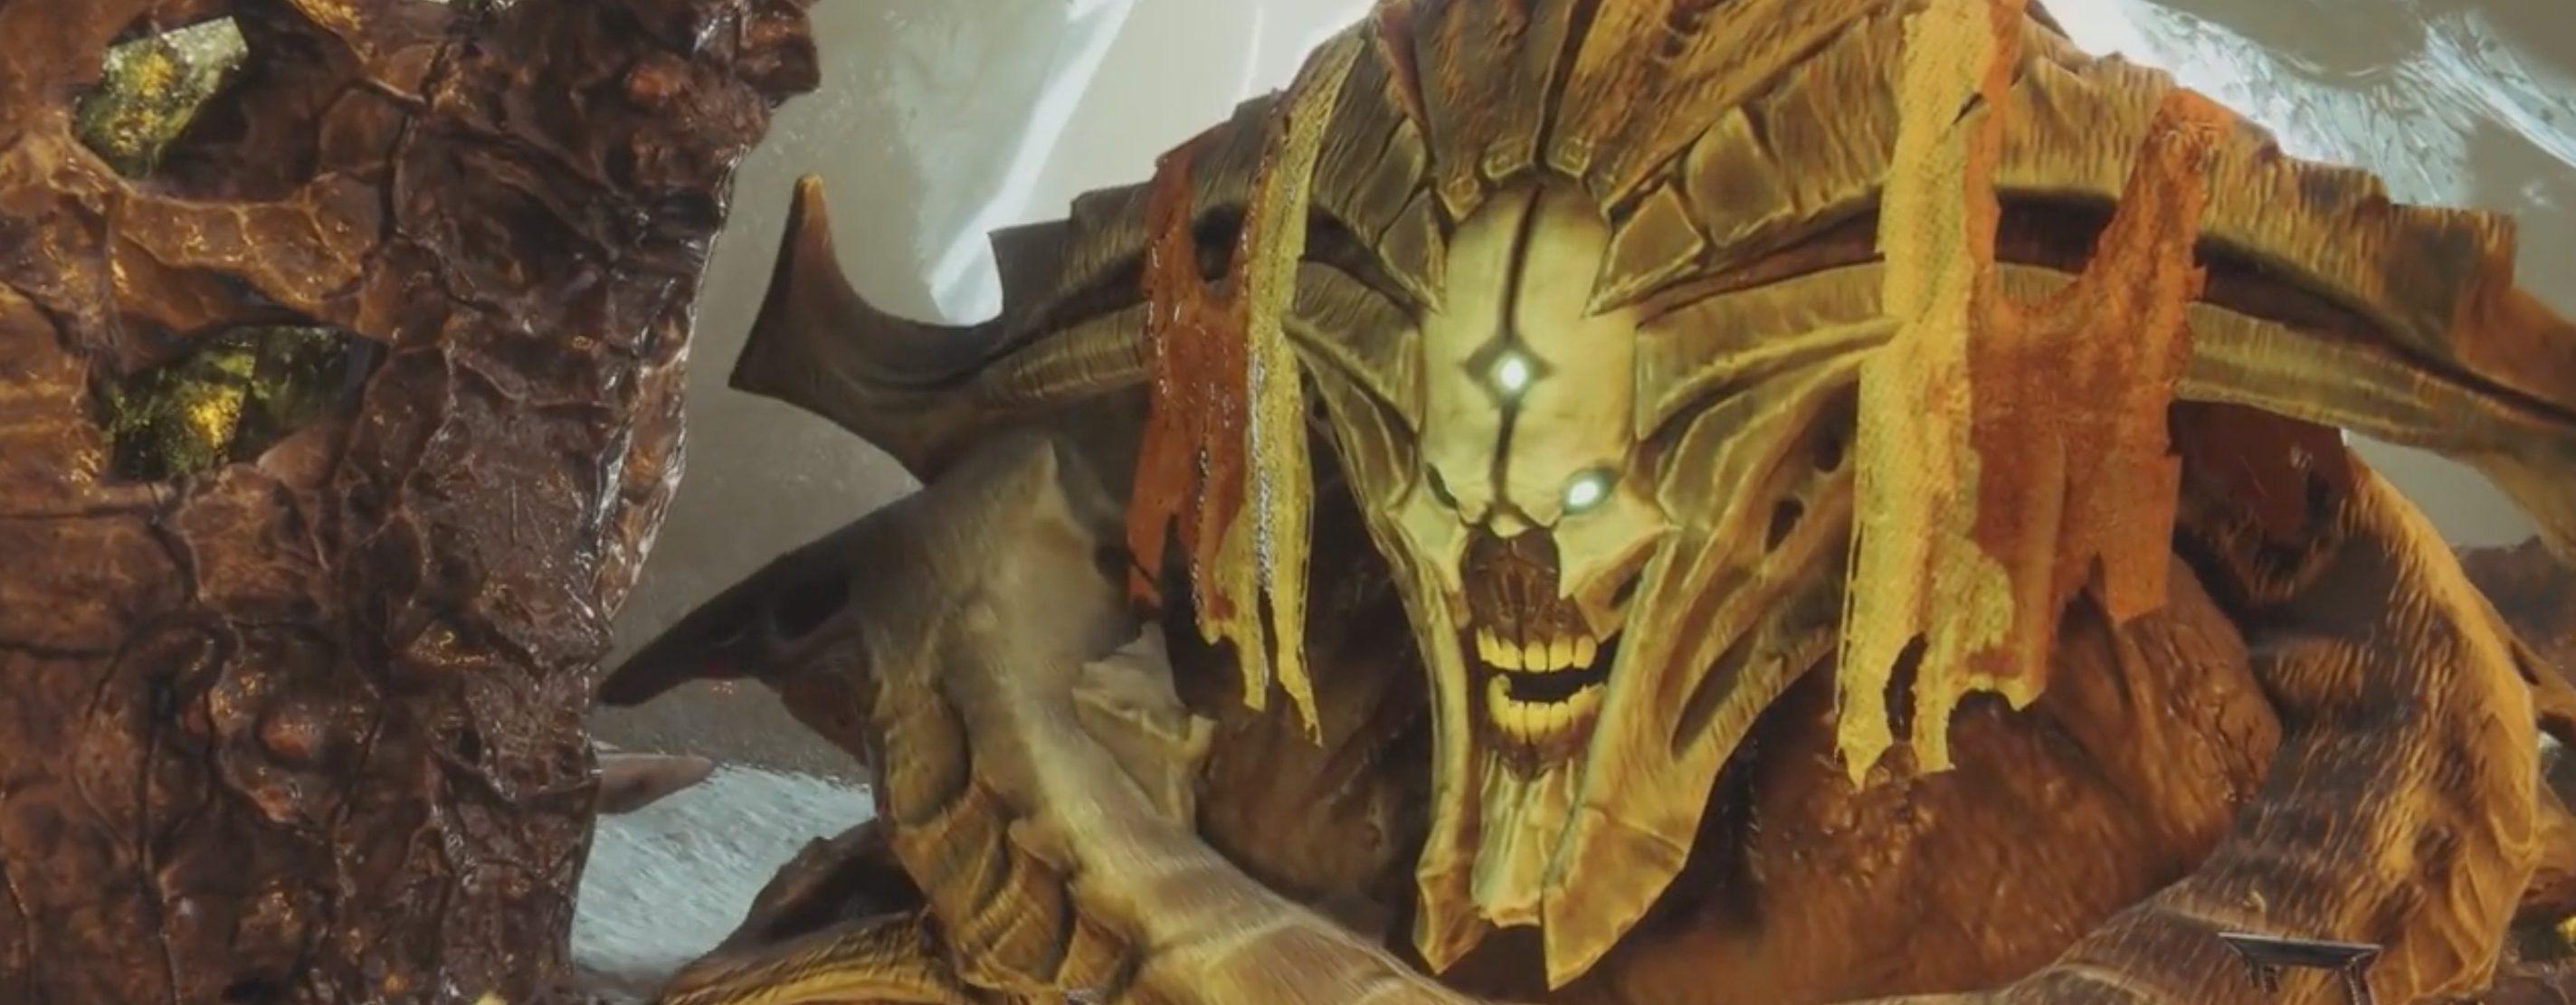 Und jede Woche grüßt der Nokris – Warum Destiny 2 gerade viele nervt